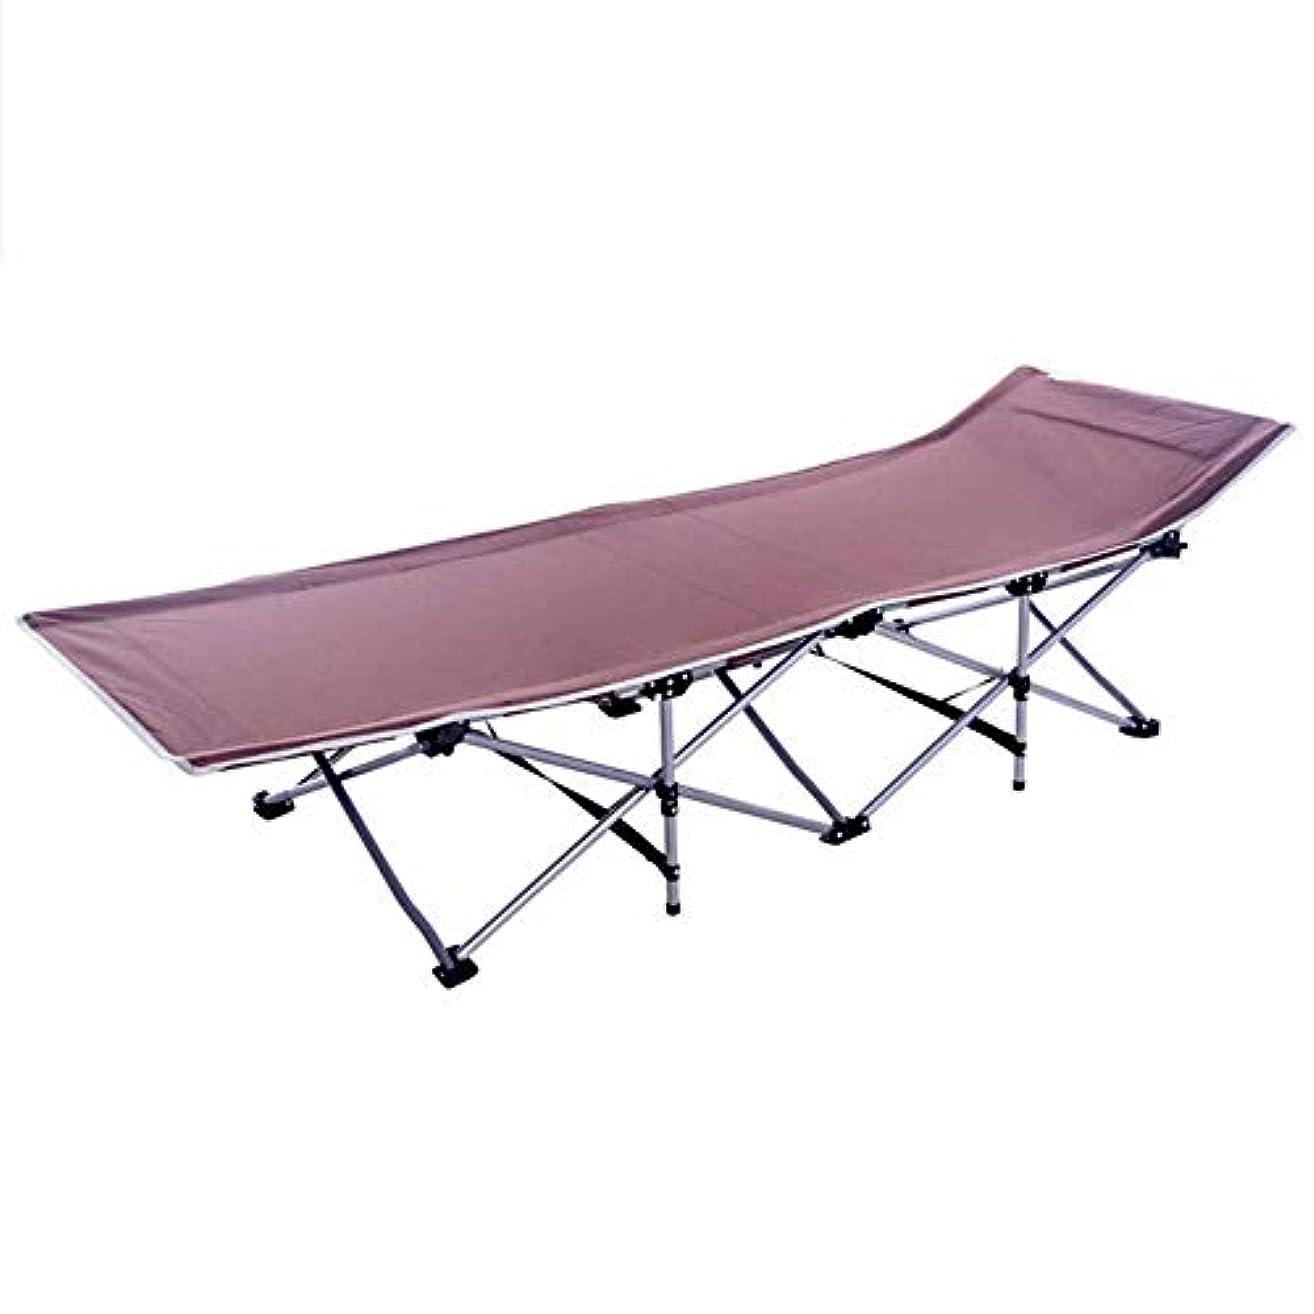 メンタリティ完璧食品折りたたみ式ベッド紫色の調節可能な折りたたみ式ベッドリクライニング屋外ポータブルリクライニングチェアビーチキャンプガーデン折りたたみ簡単収納リビングルームオフィス用家具